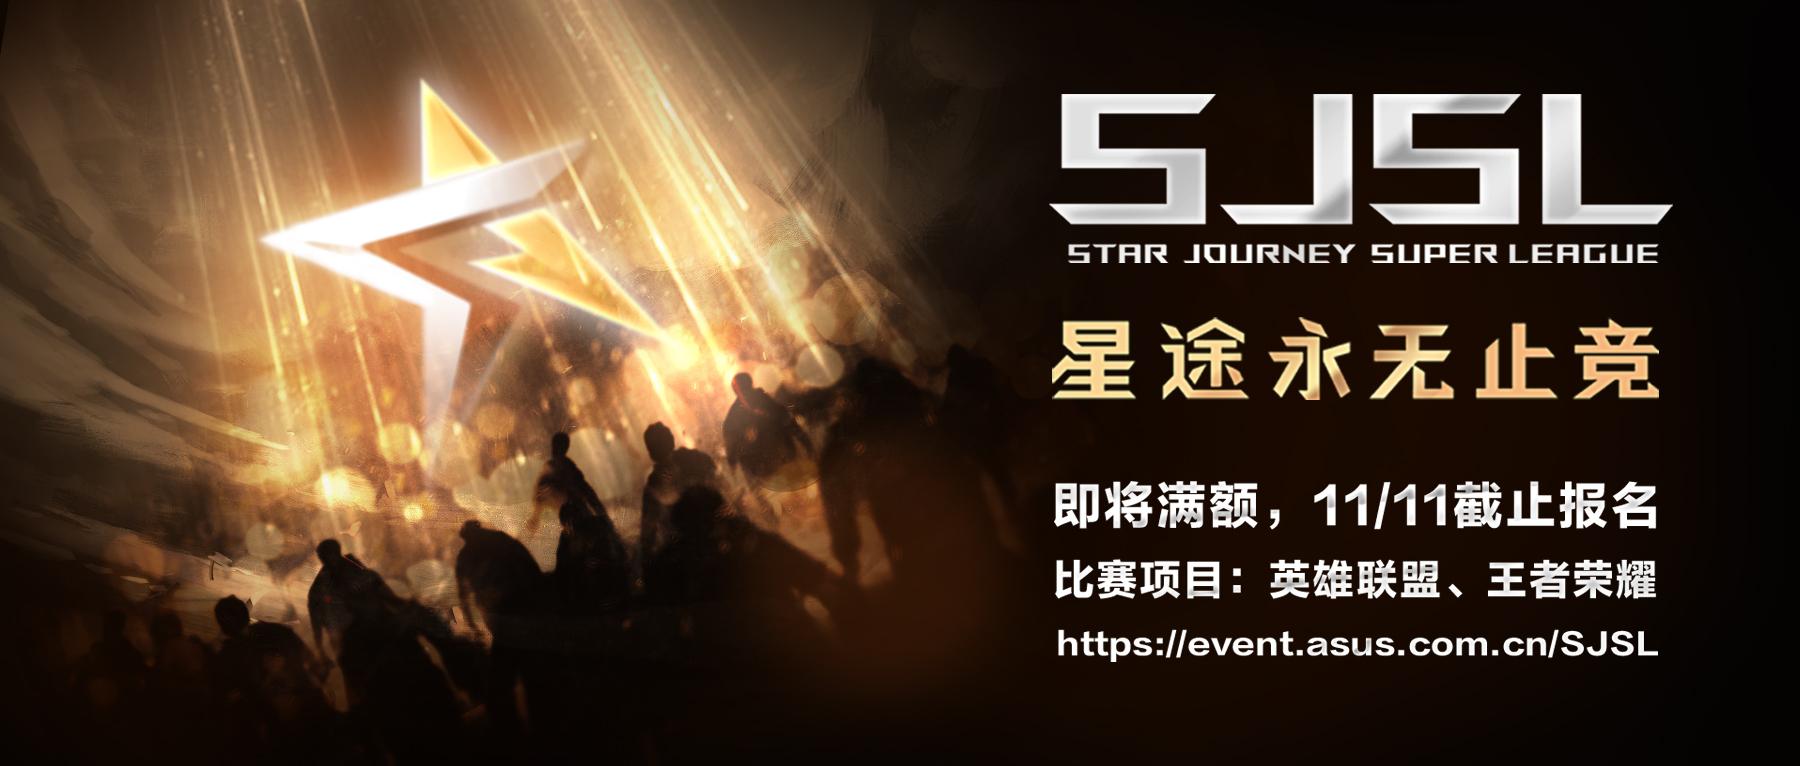 IG S8夺冠!报名SJSL,你也能成为下一位英雄